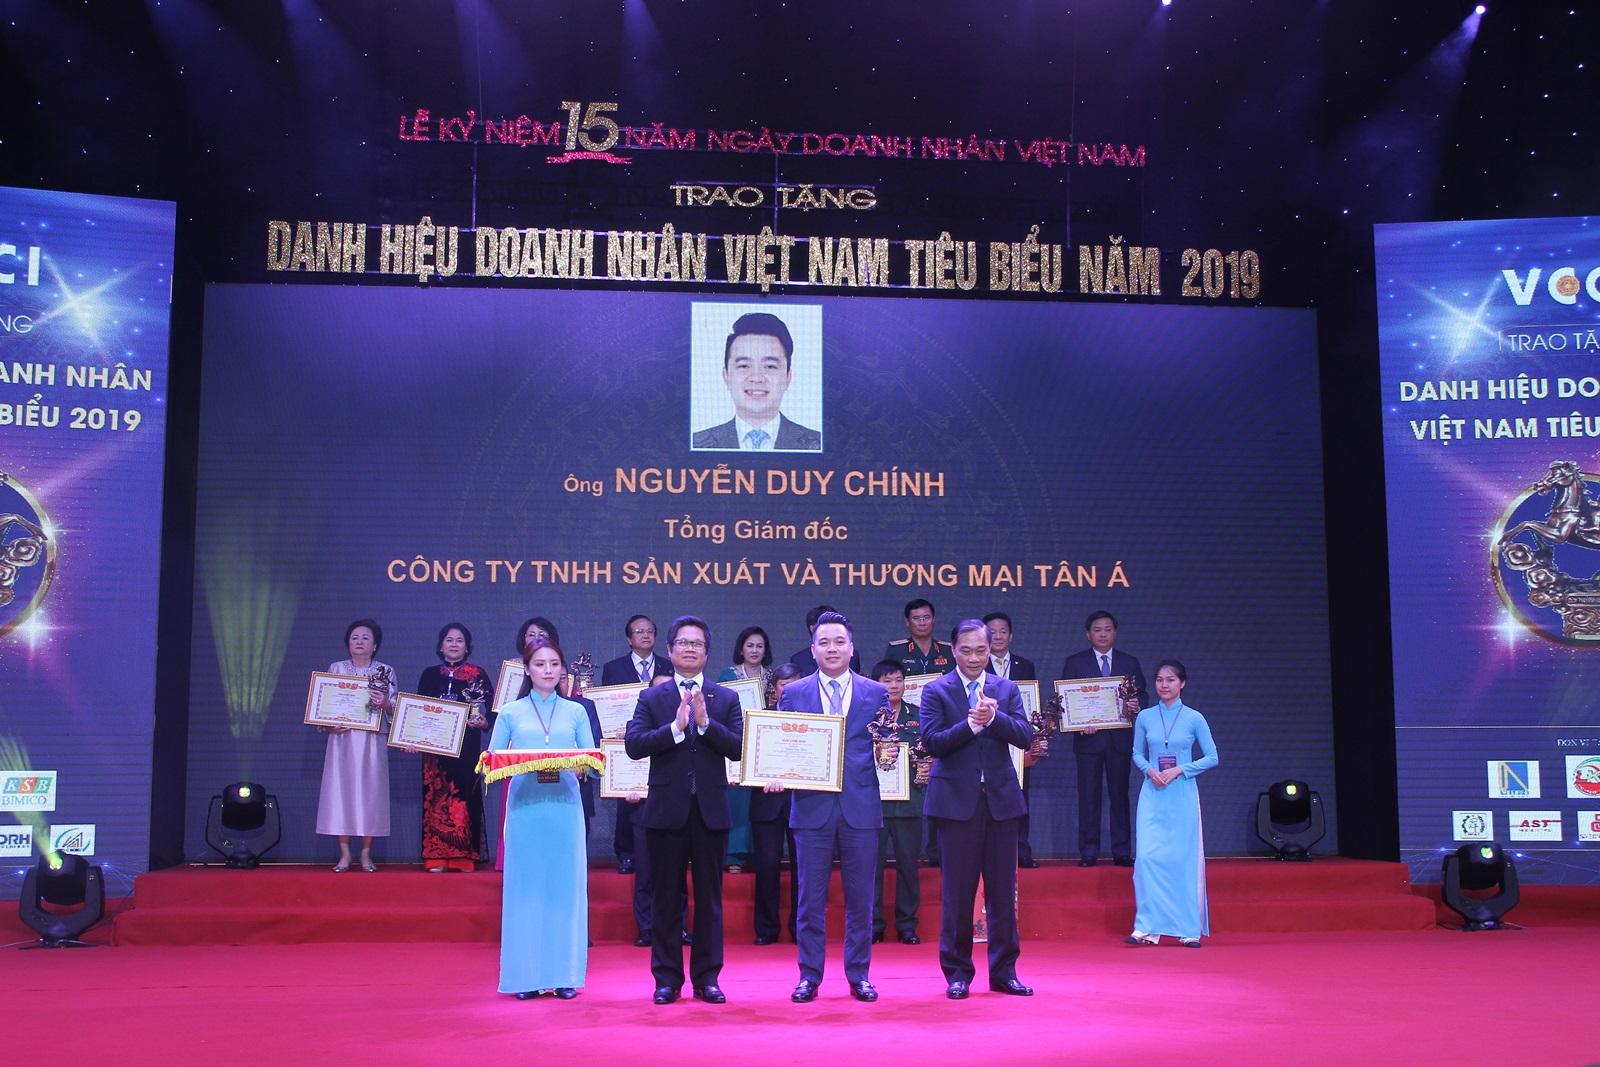 Cúp Thánh Gióng nâng tầm doanh nhân, doanh nghiệp và thương hiệu Việt